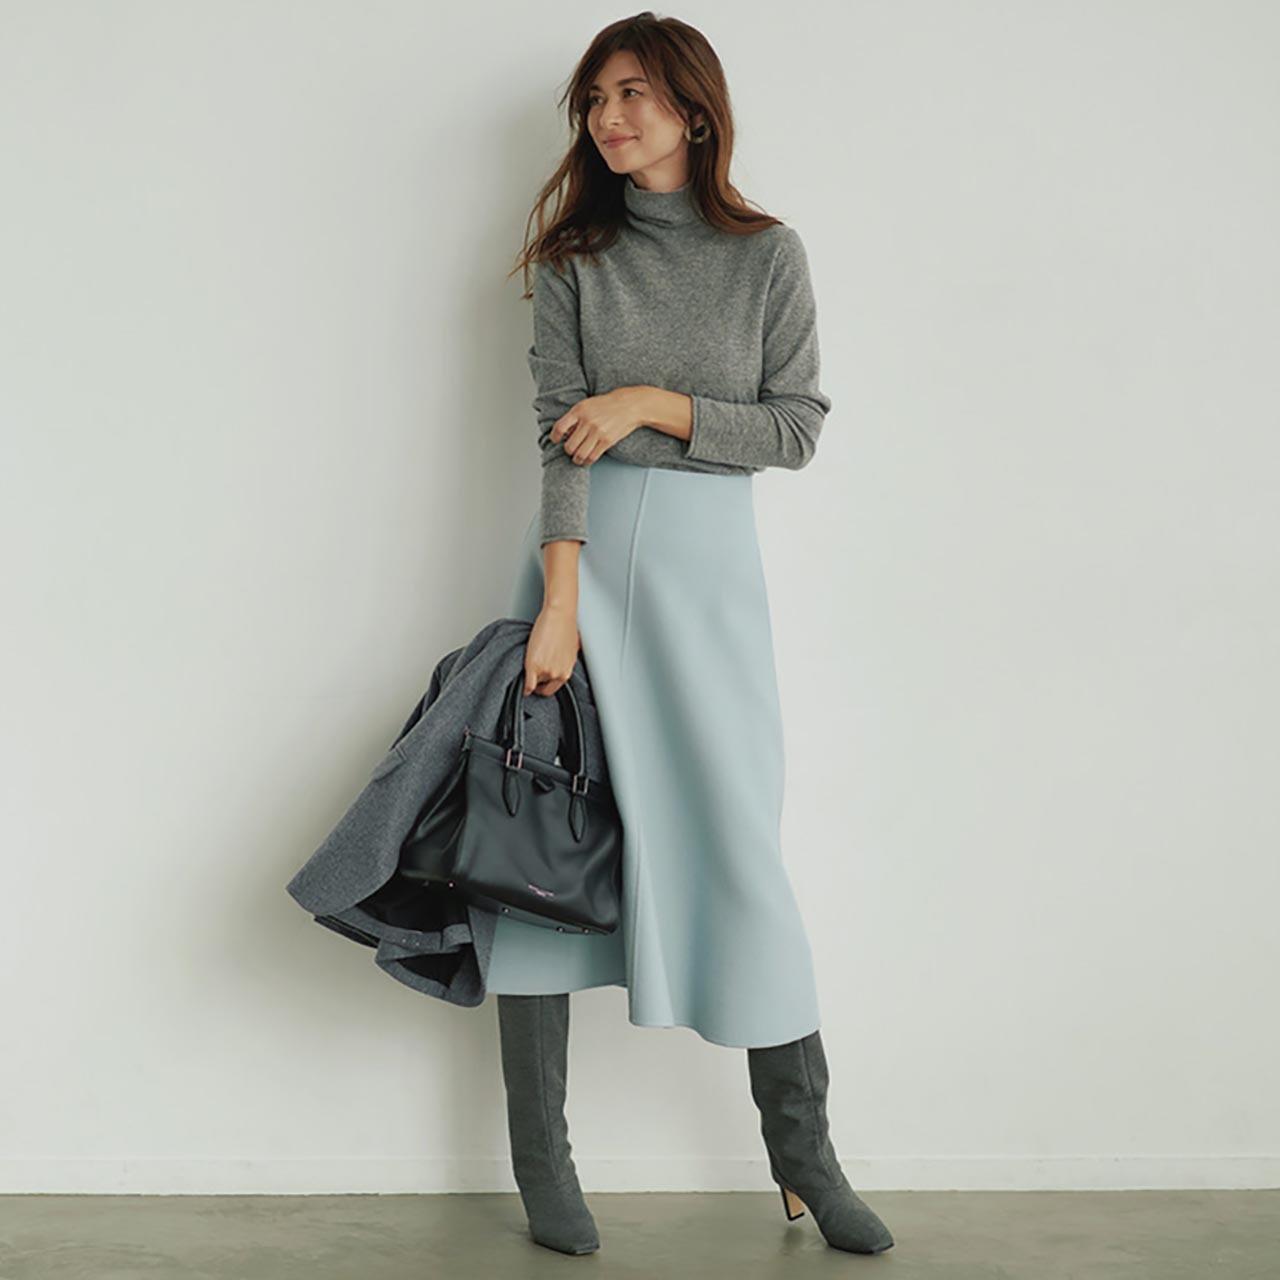 タートルニット×きれい色スカートコーデを着たモデルのブレンダさん